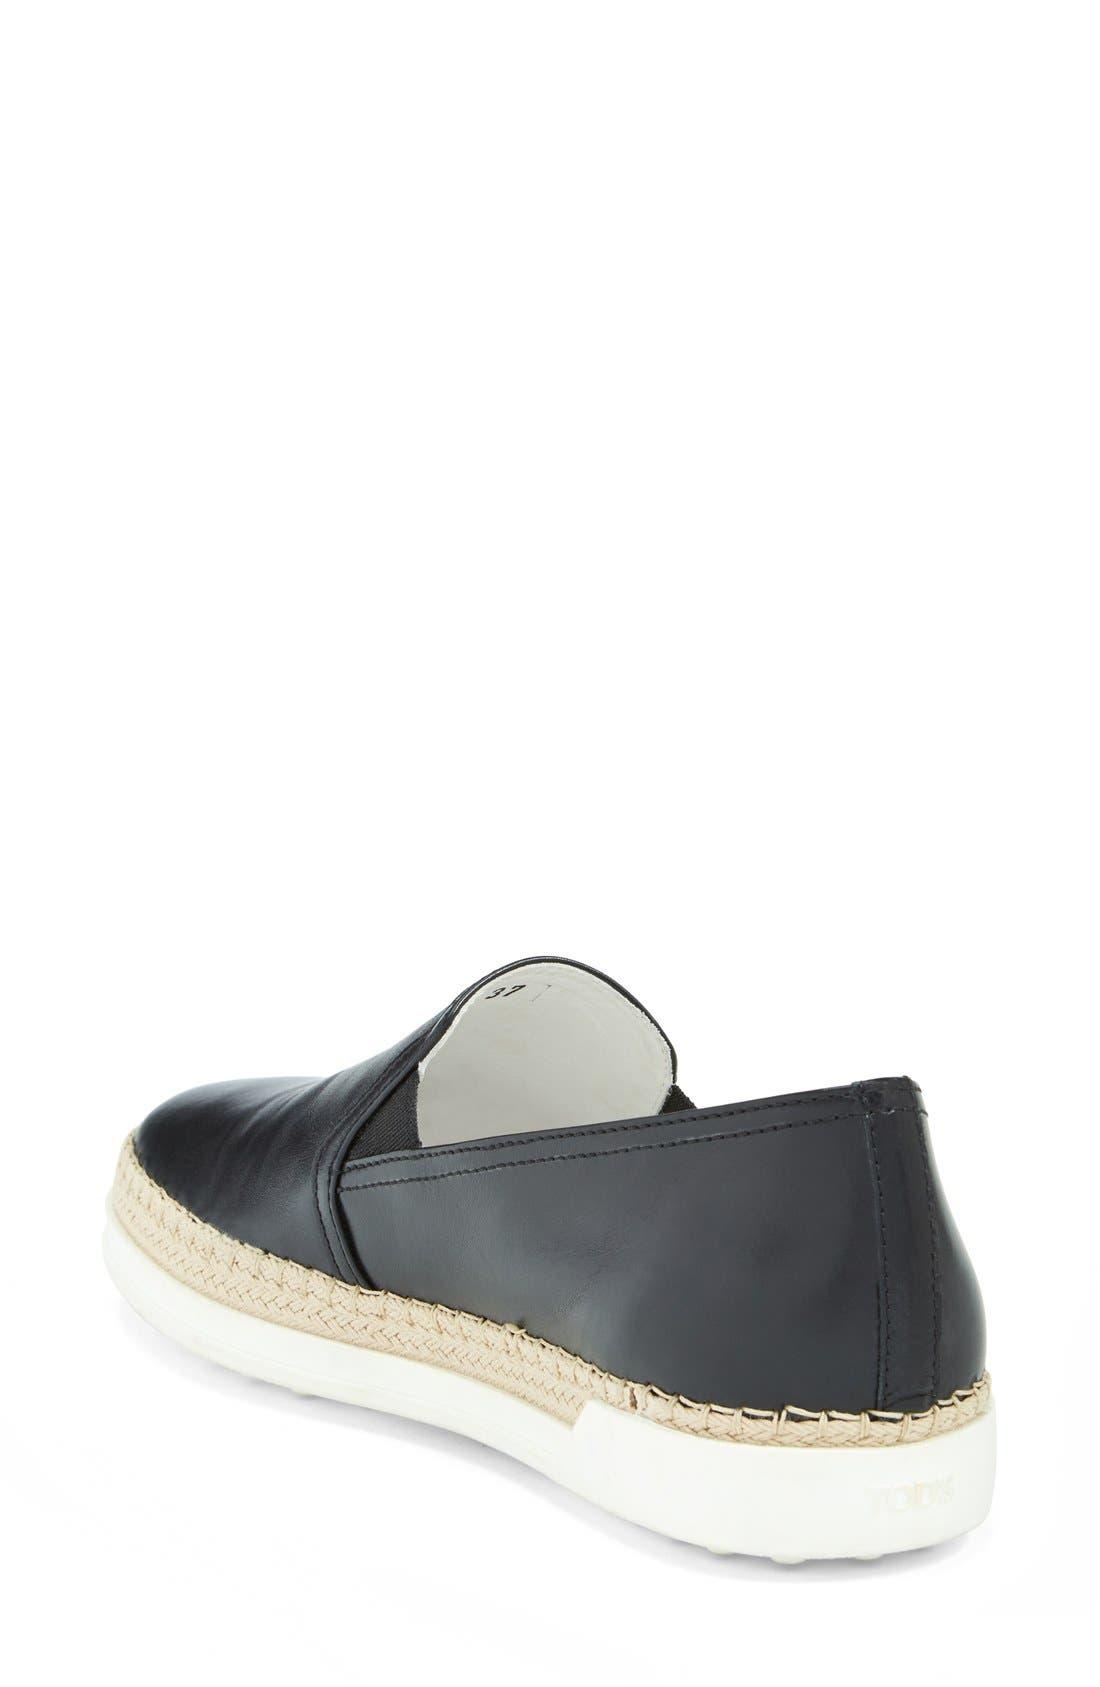 TOD'S,                             Slip-On Leather Sneaker,                             Alternate thumbnail 2, color,                             001